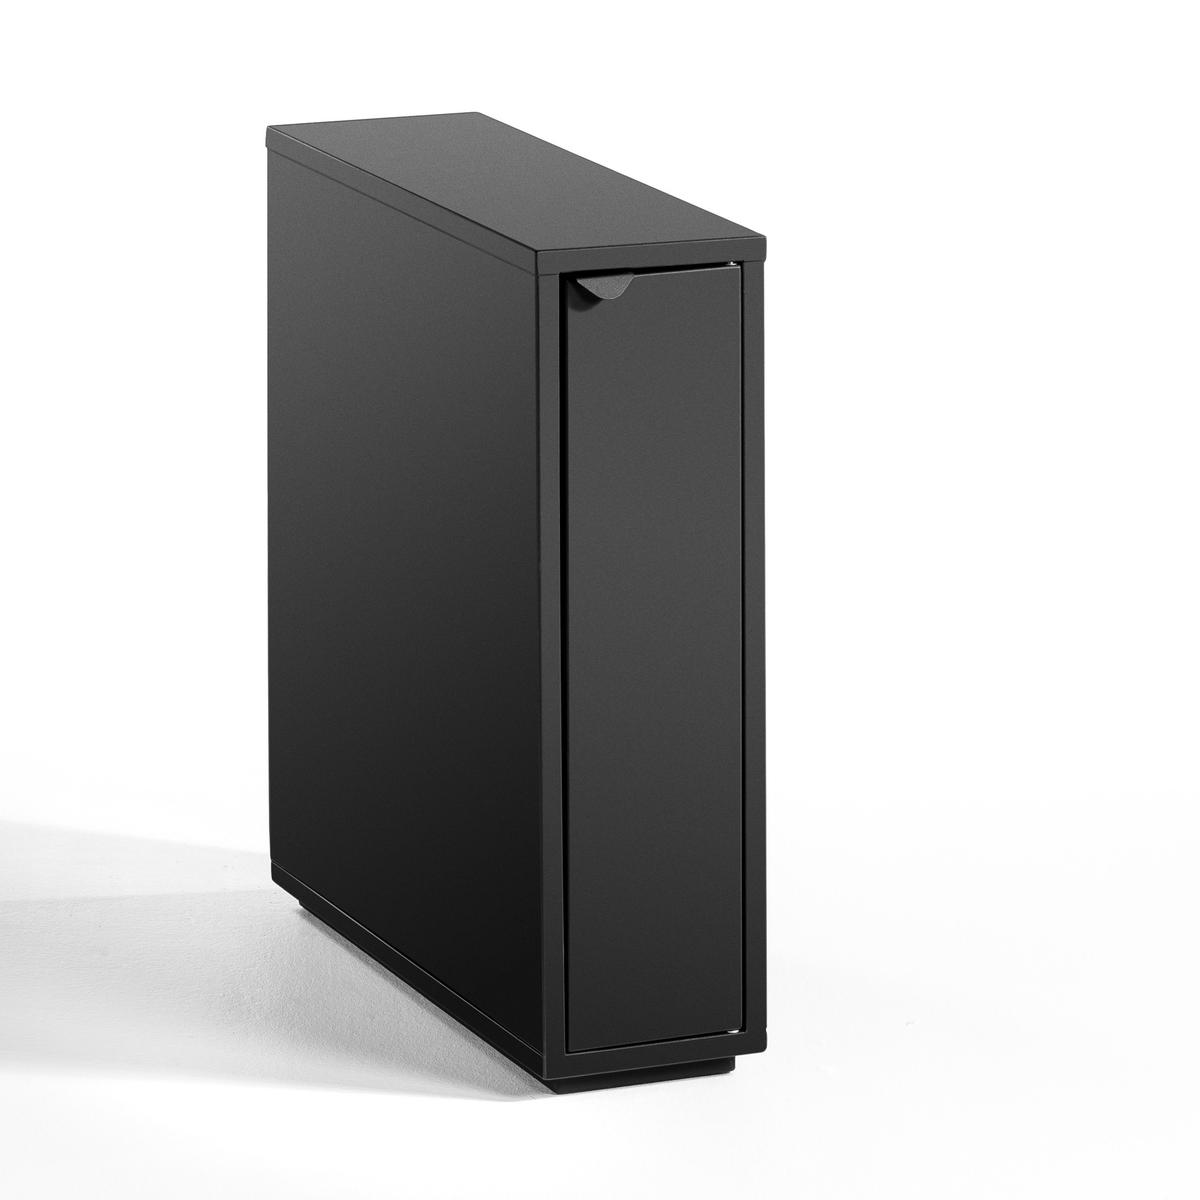 Ящик для письменного стола с 1 дверкой, AngusХарактеристики: - Из металла с матовым эпоксидным покрытием.- Механизм плавного закрывания дверки.- 1 дверка с 1 регулируемой по высоте полкой.Размеры: - Д20 x В72,2 x Ш63 см.    - Внутренние размеры: Д15,4 x В63 см.Размеры и вес упаковки:- Д69 x В83 x Ш26 см, 18,5 кг.<br><br>Цвет: сероватый